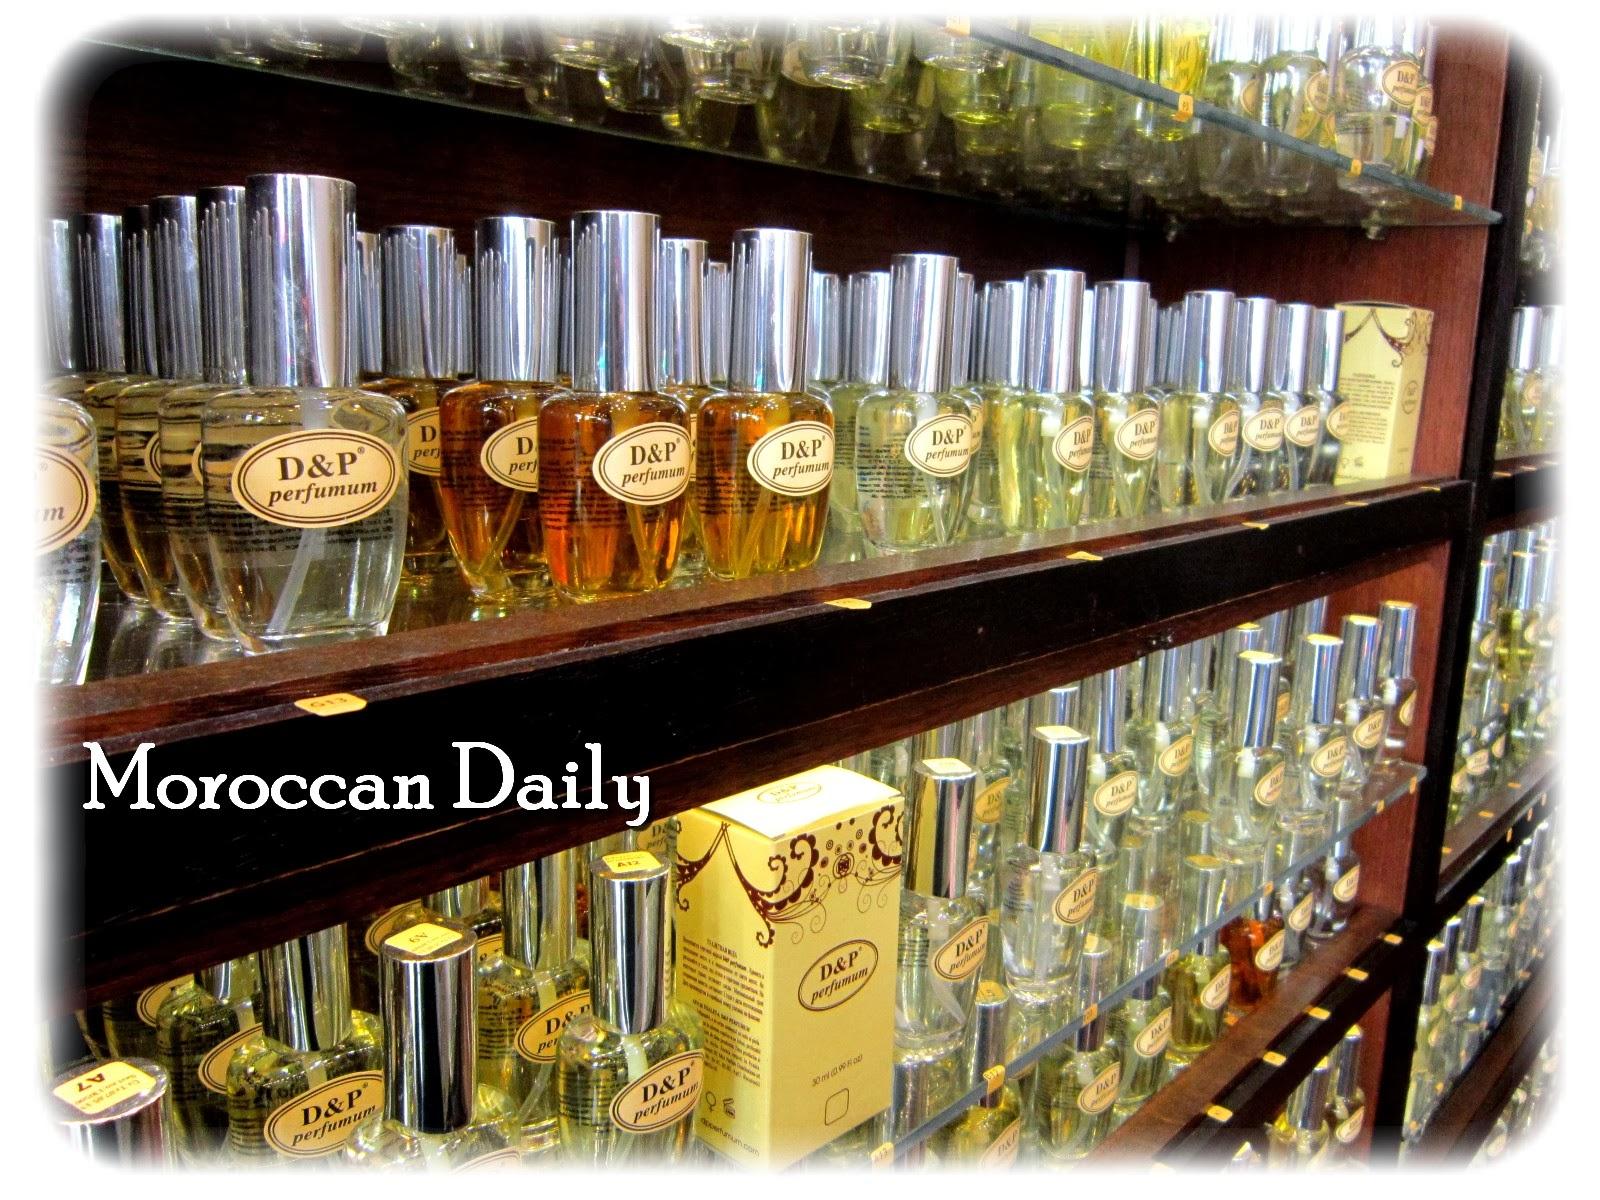 moroccan daily bon plan casablanca d p perfumum ou comment d mocratiser le parfum de luxe. Black Bedroom Furniture Sets. Home Design Ideas